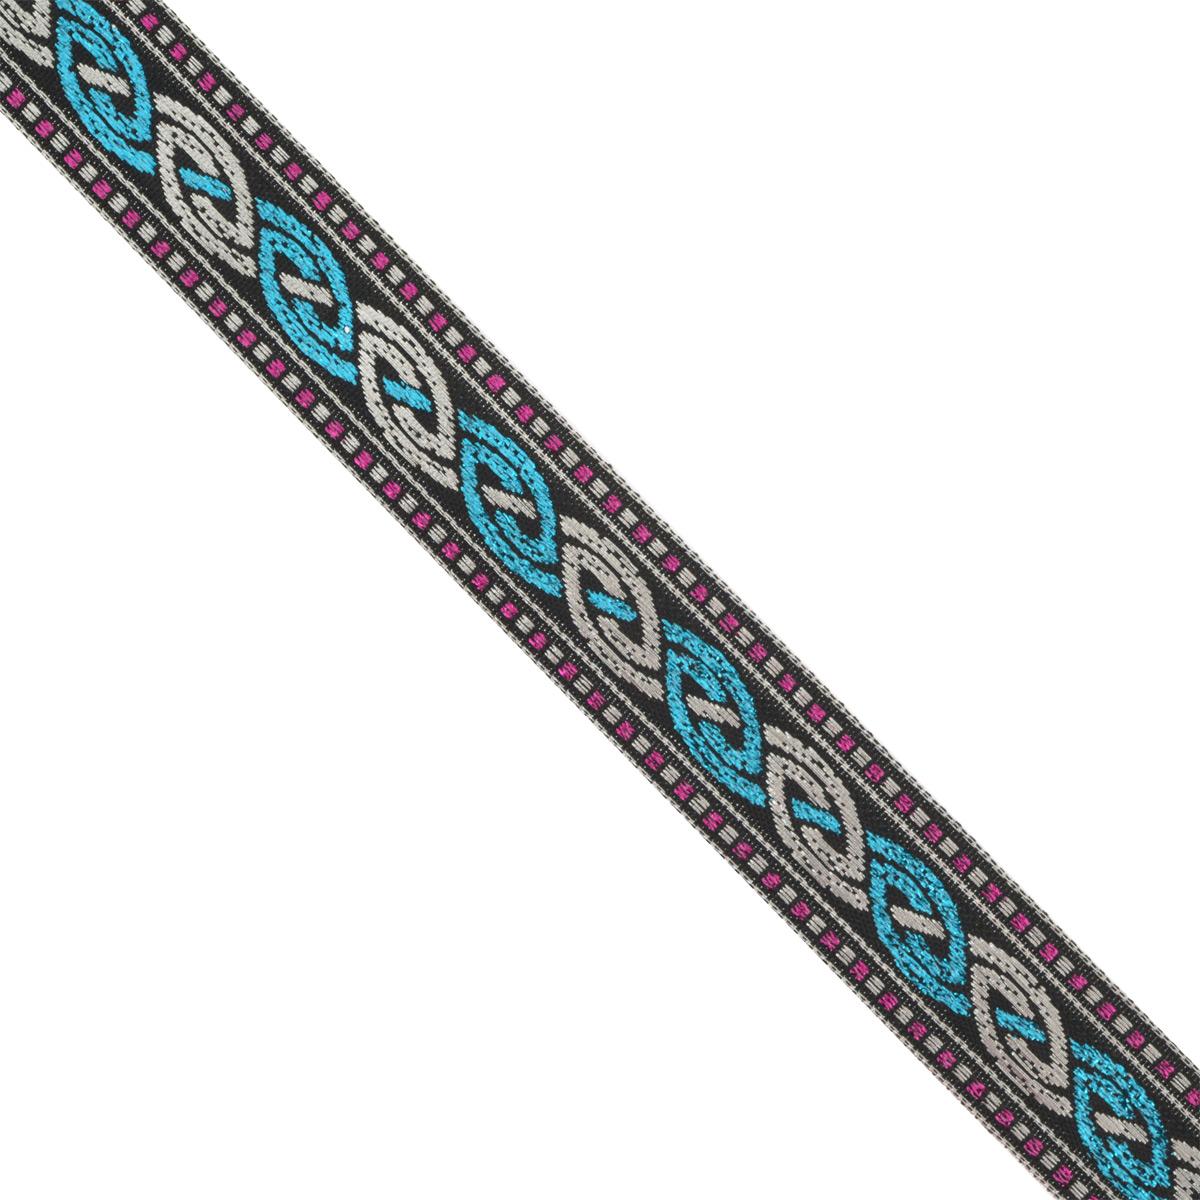 Тесьма декоративная Астра, цвет: черный, ширина 2 см, длина 16,4 м. 77032757703275Декоративная тесьма Астра выполнена из текстиля и оформлена оригинальным орнаментом. Такая тесьма идеально подойдет для оформления различных творческих работ таких, как скрапбукинг, аппликация, декор коробок и открыток и многое другое. Тесьма наивысшего качества и практична в использовании. Она станет незаменимым элементом в создании рукотворного шедевра. Ширина: 2 см. Длина: 16,4 м.